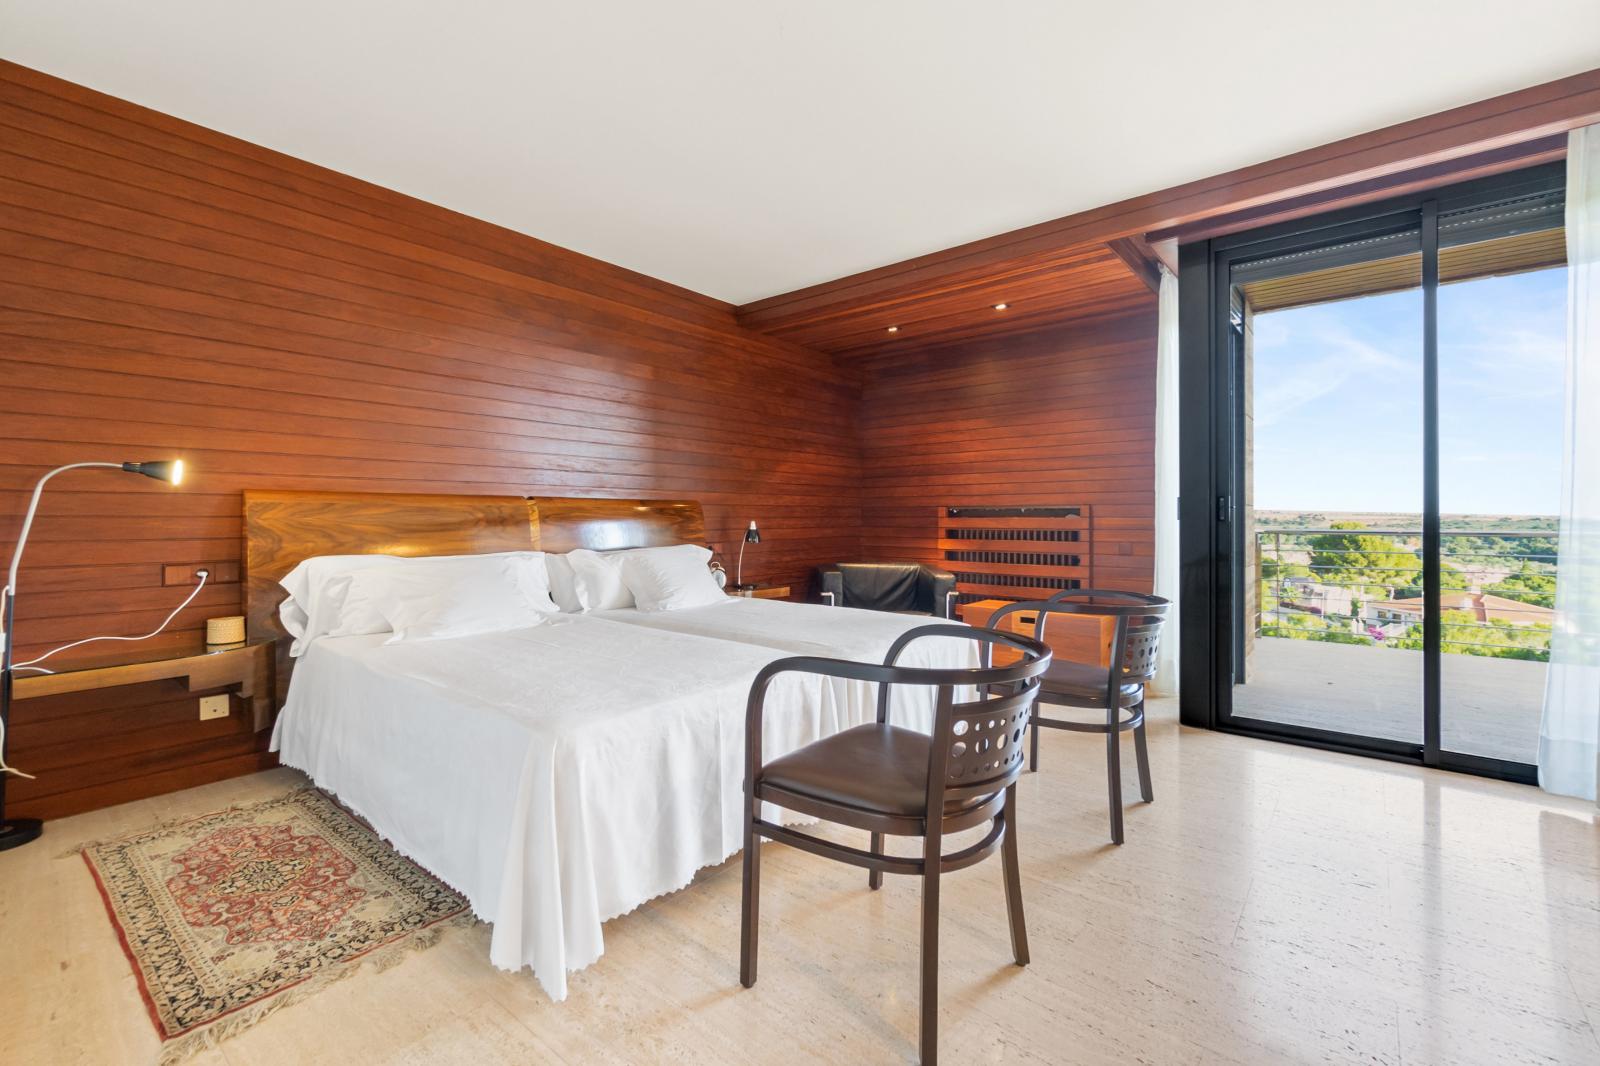 64977240 3223954 foto127967728 - Lujo, diseño y funcionalidad en esta villa en Campoamor (Alicante)